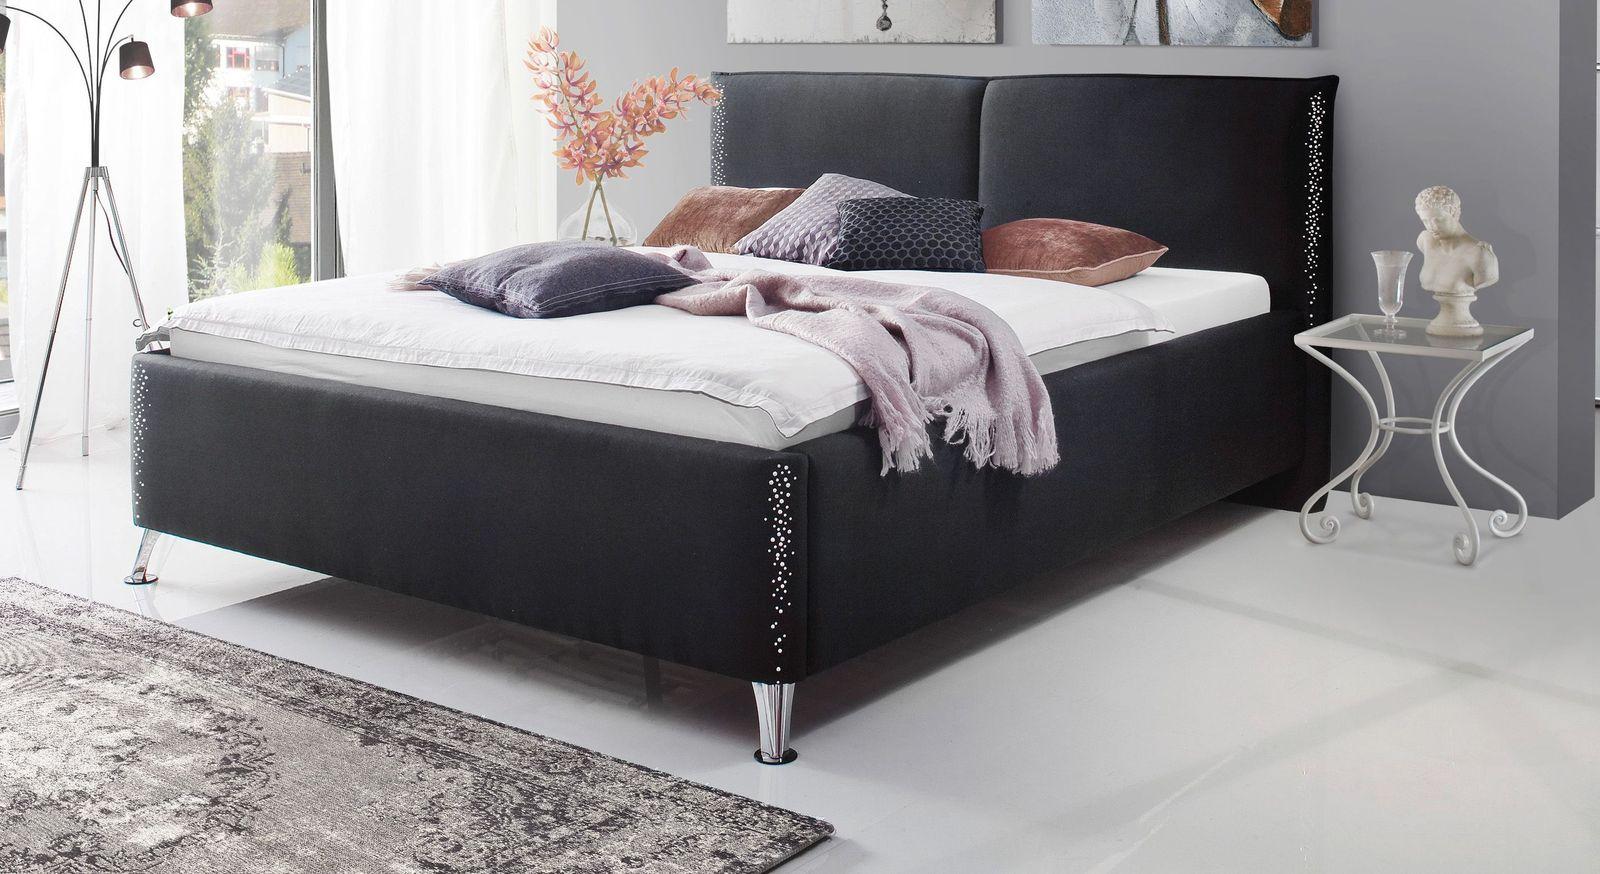 Polsterbett in Schwarz mit Swarovski®-Kristallen - Capistello